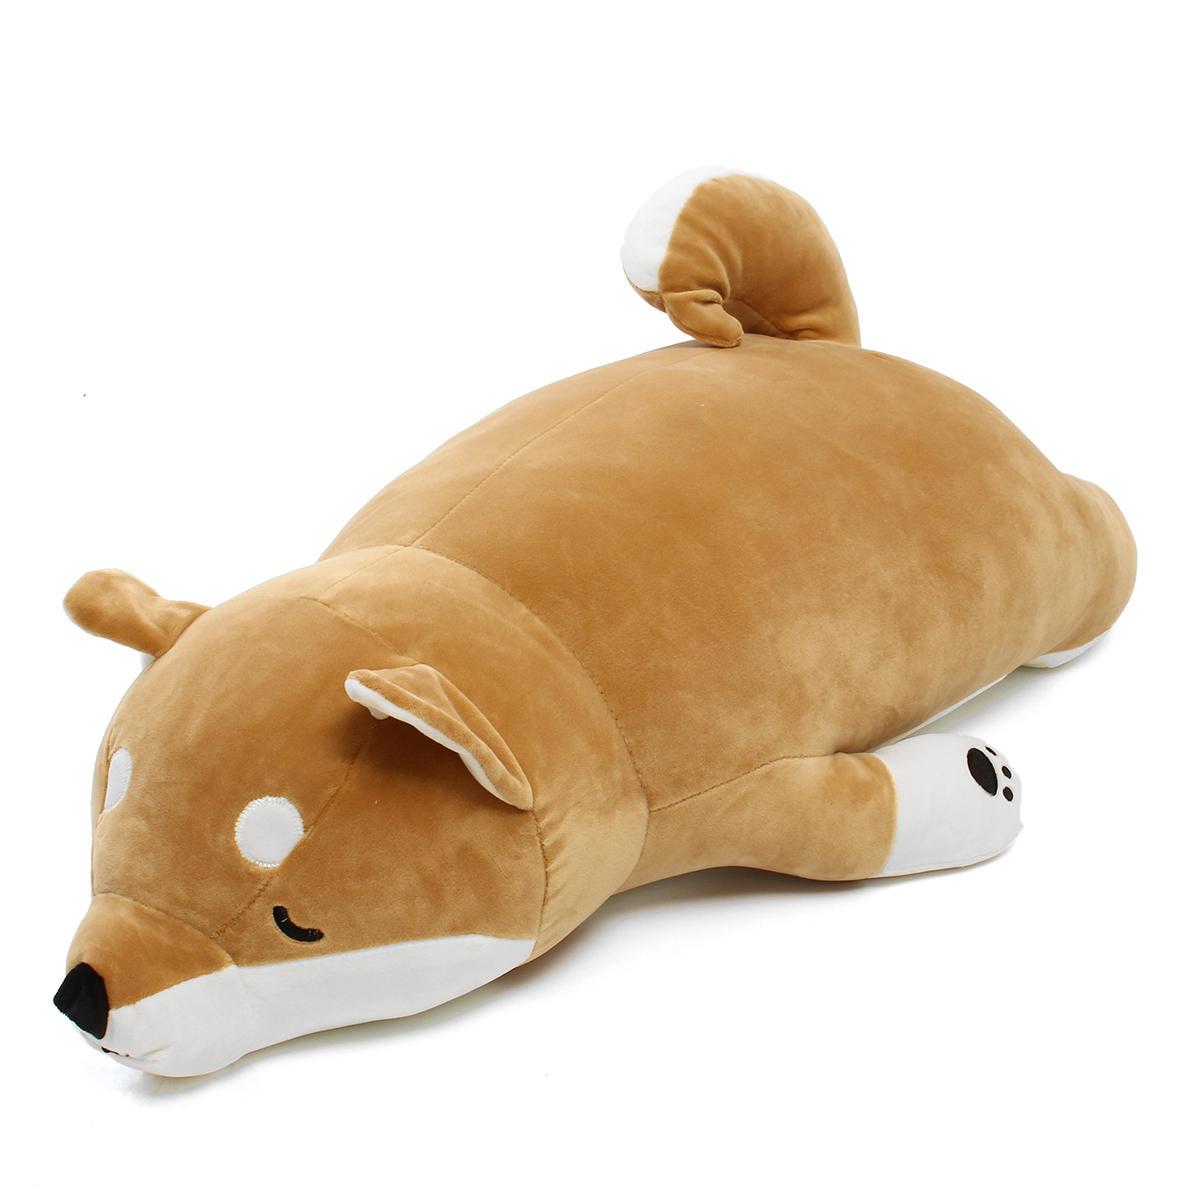 ジャンボ90センチメートルぬいぐるみぬいぐるみアニメ柴犬犬Softぬいぐるみピロークッション動物ペットドール